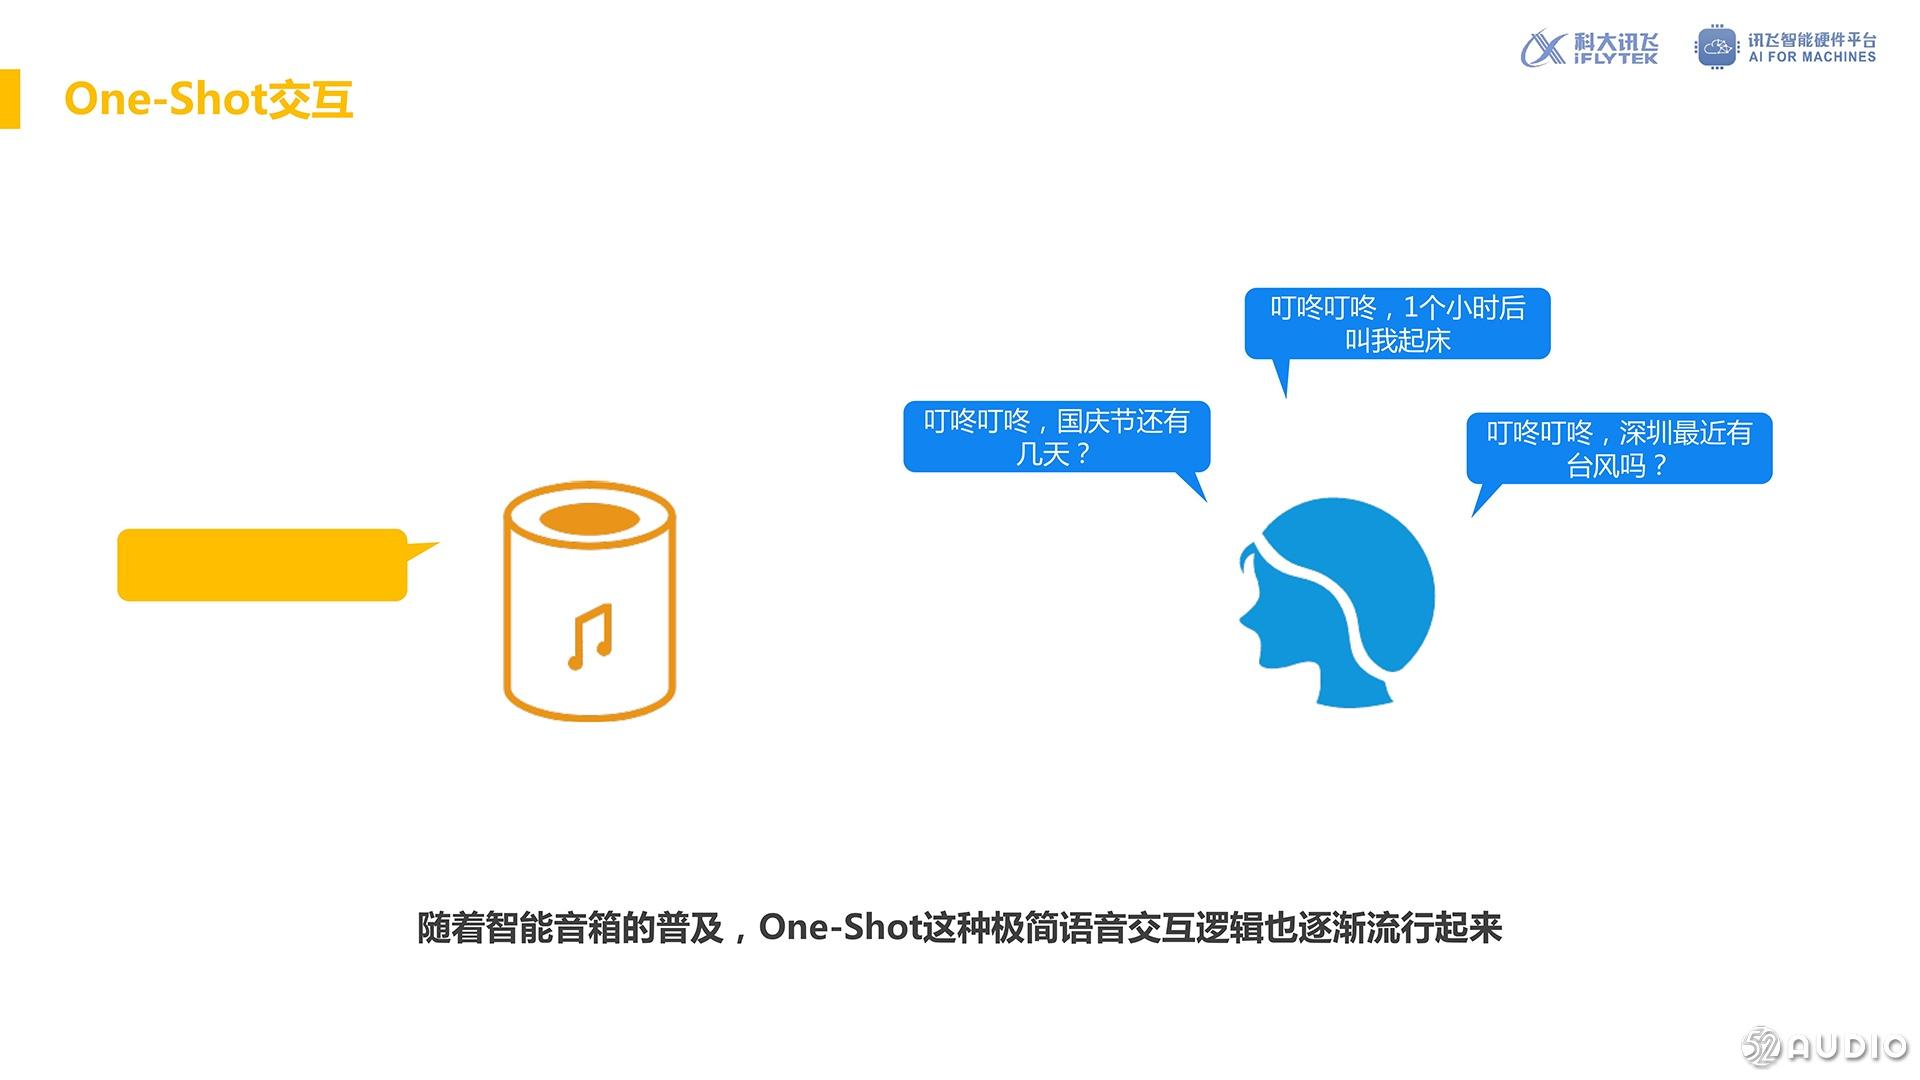 科大讯飞消费者事业群智能硬件业务部产品总监张良春 《AI交互技术与智能音箱的互相促进》PPT下载-我爱音频网